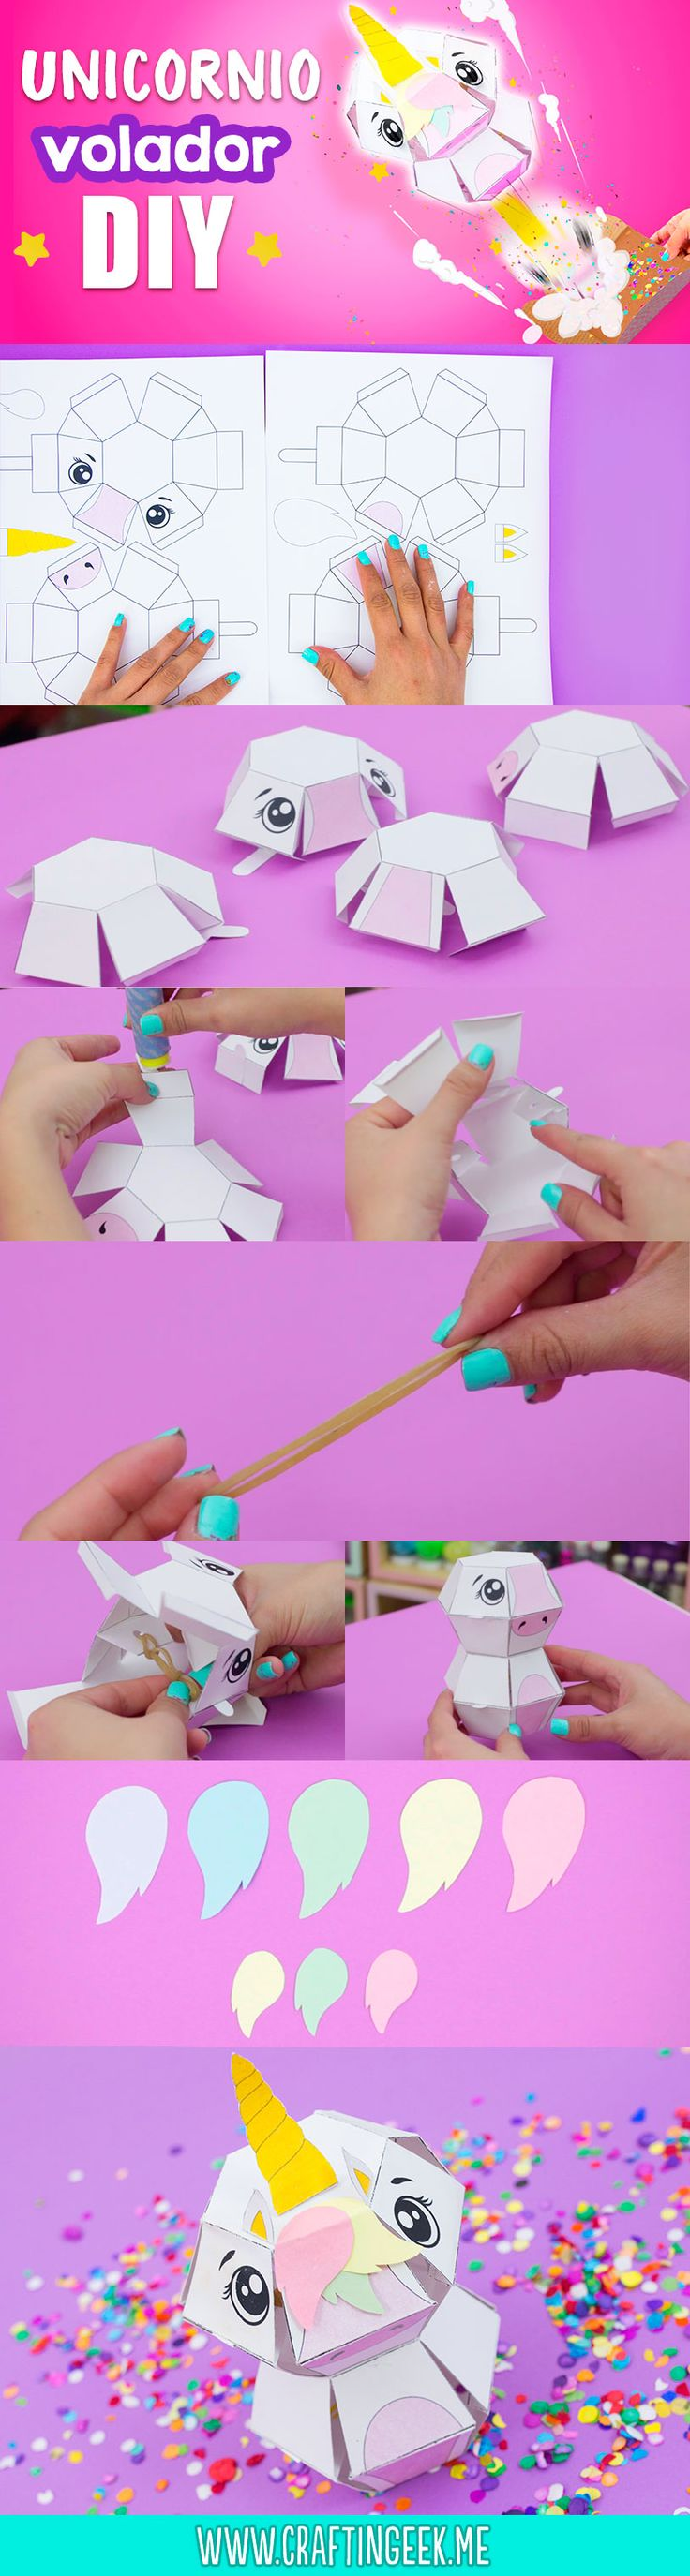 Haz una divertida Tarjeta de Unicornio Explosiva, perfecta para regalar a tu mejor amiga #diy